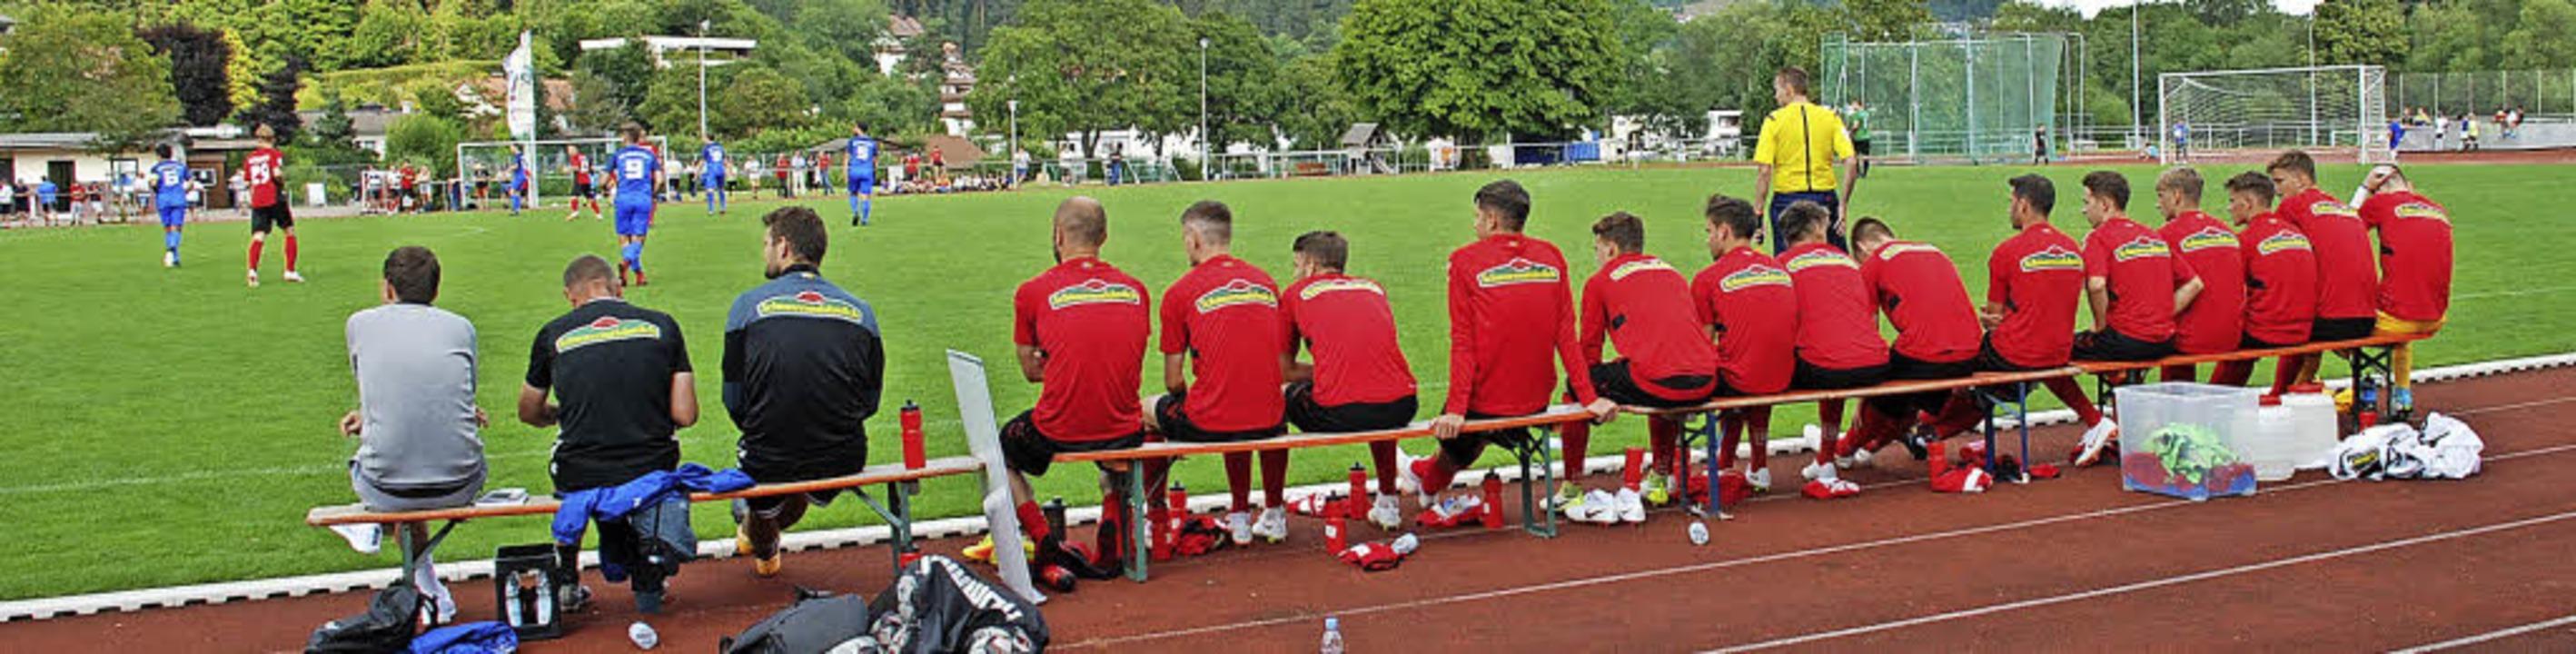 Traumhafte Kaderbedingungen: SC-Traine...Co-Trainer und der Coach der Torhüter.    Foto: Ruoff